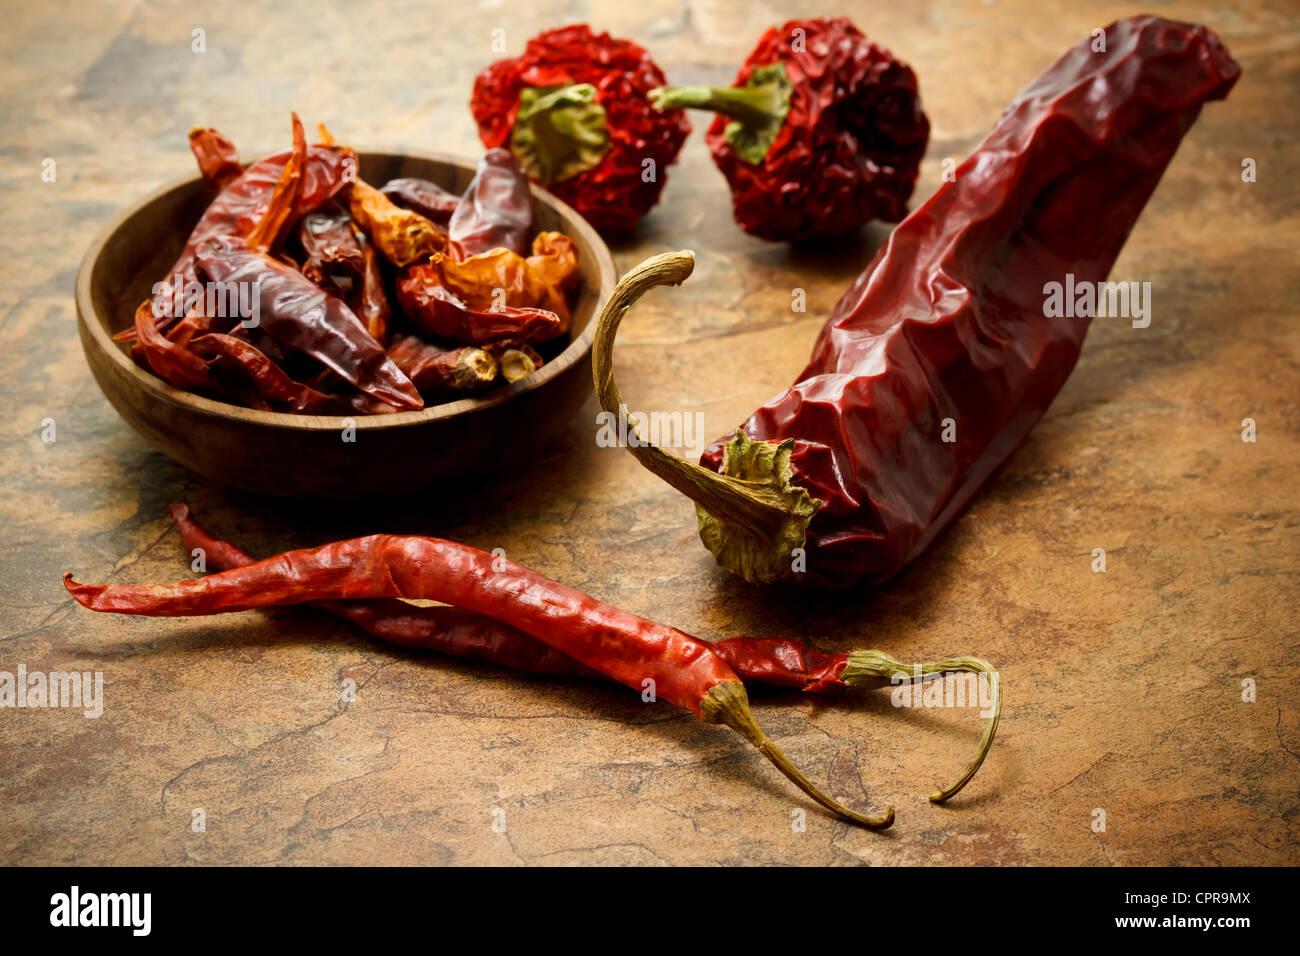 Assortiment de piments séchés Photo Stock